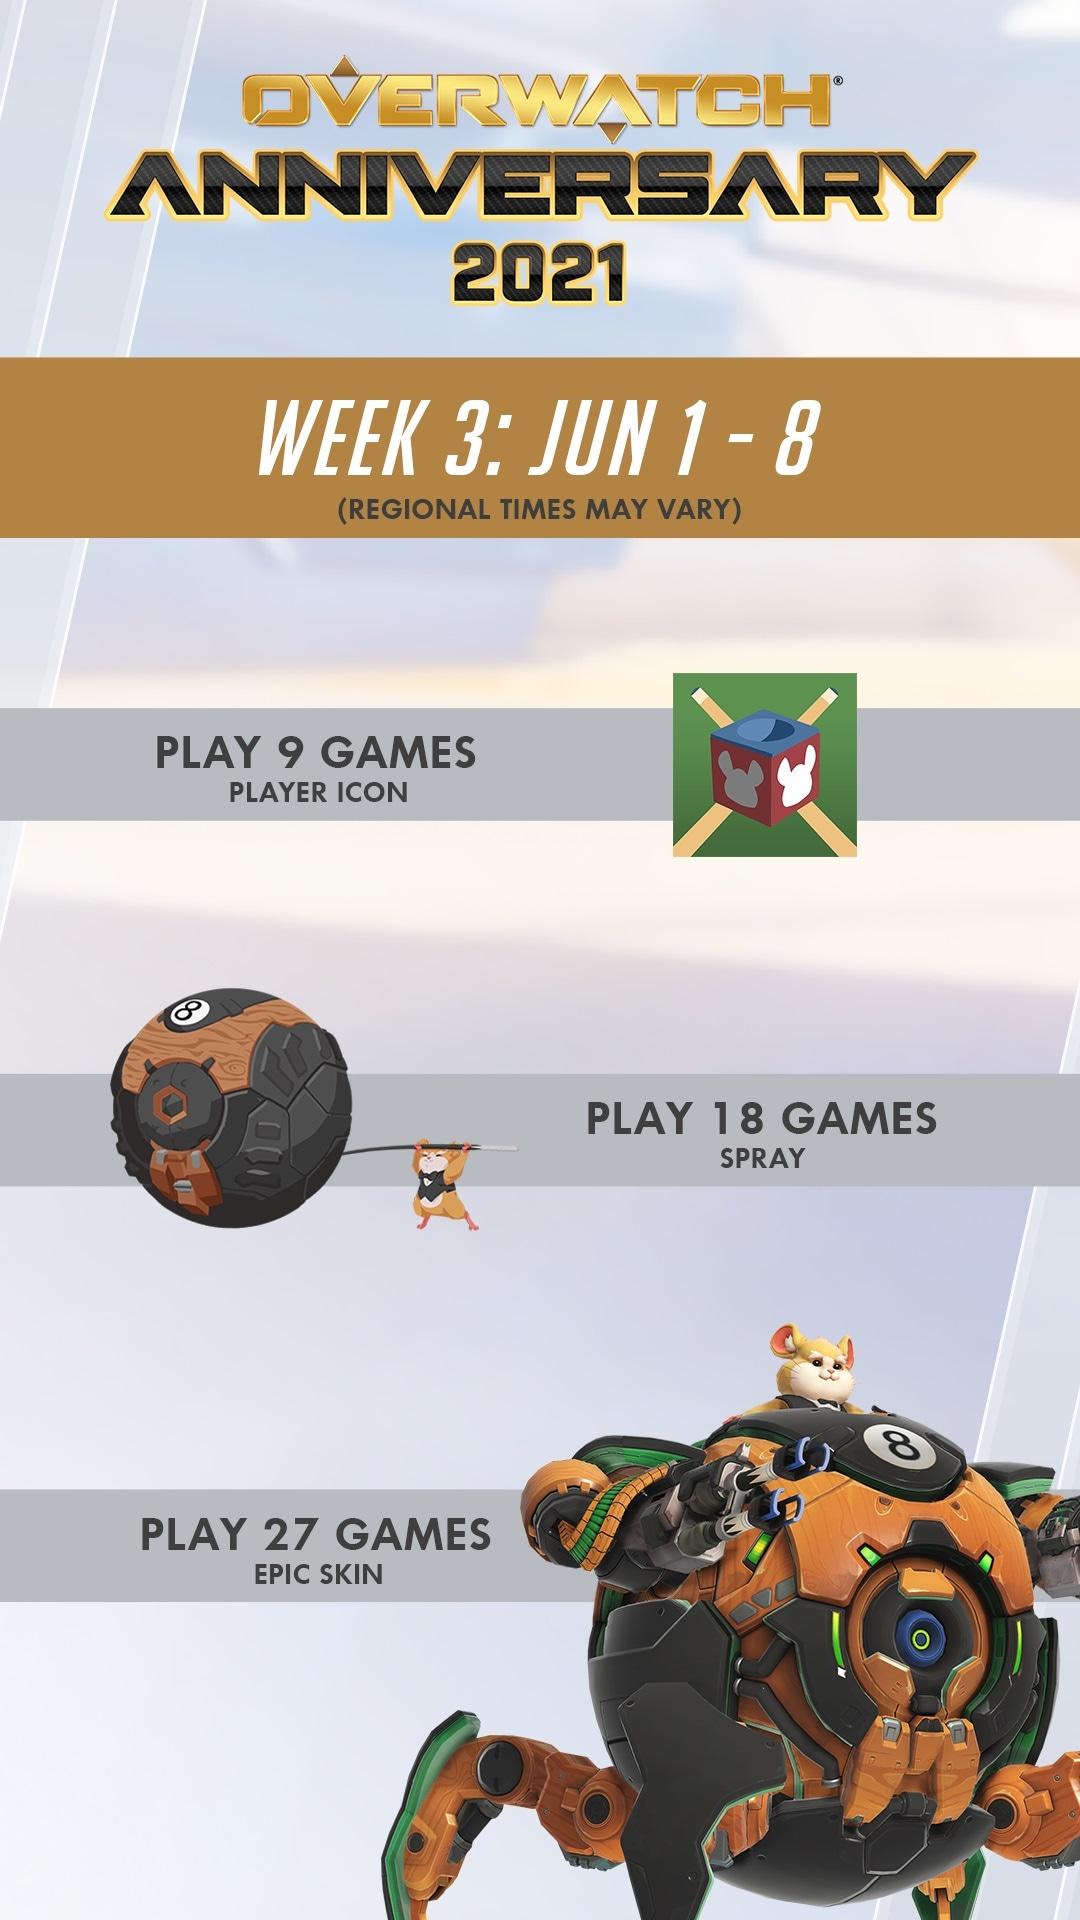 Overwatch Anniversary 2021 - Week 3 Rewards